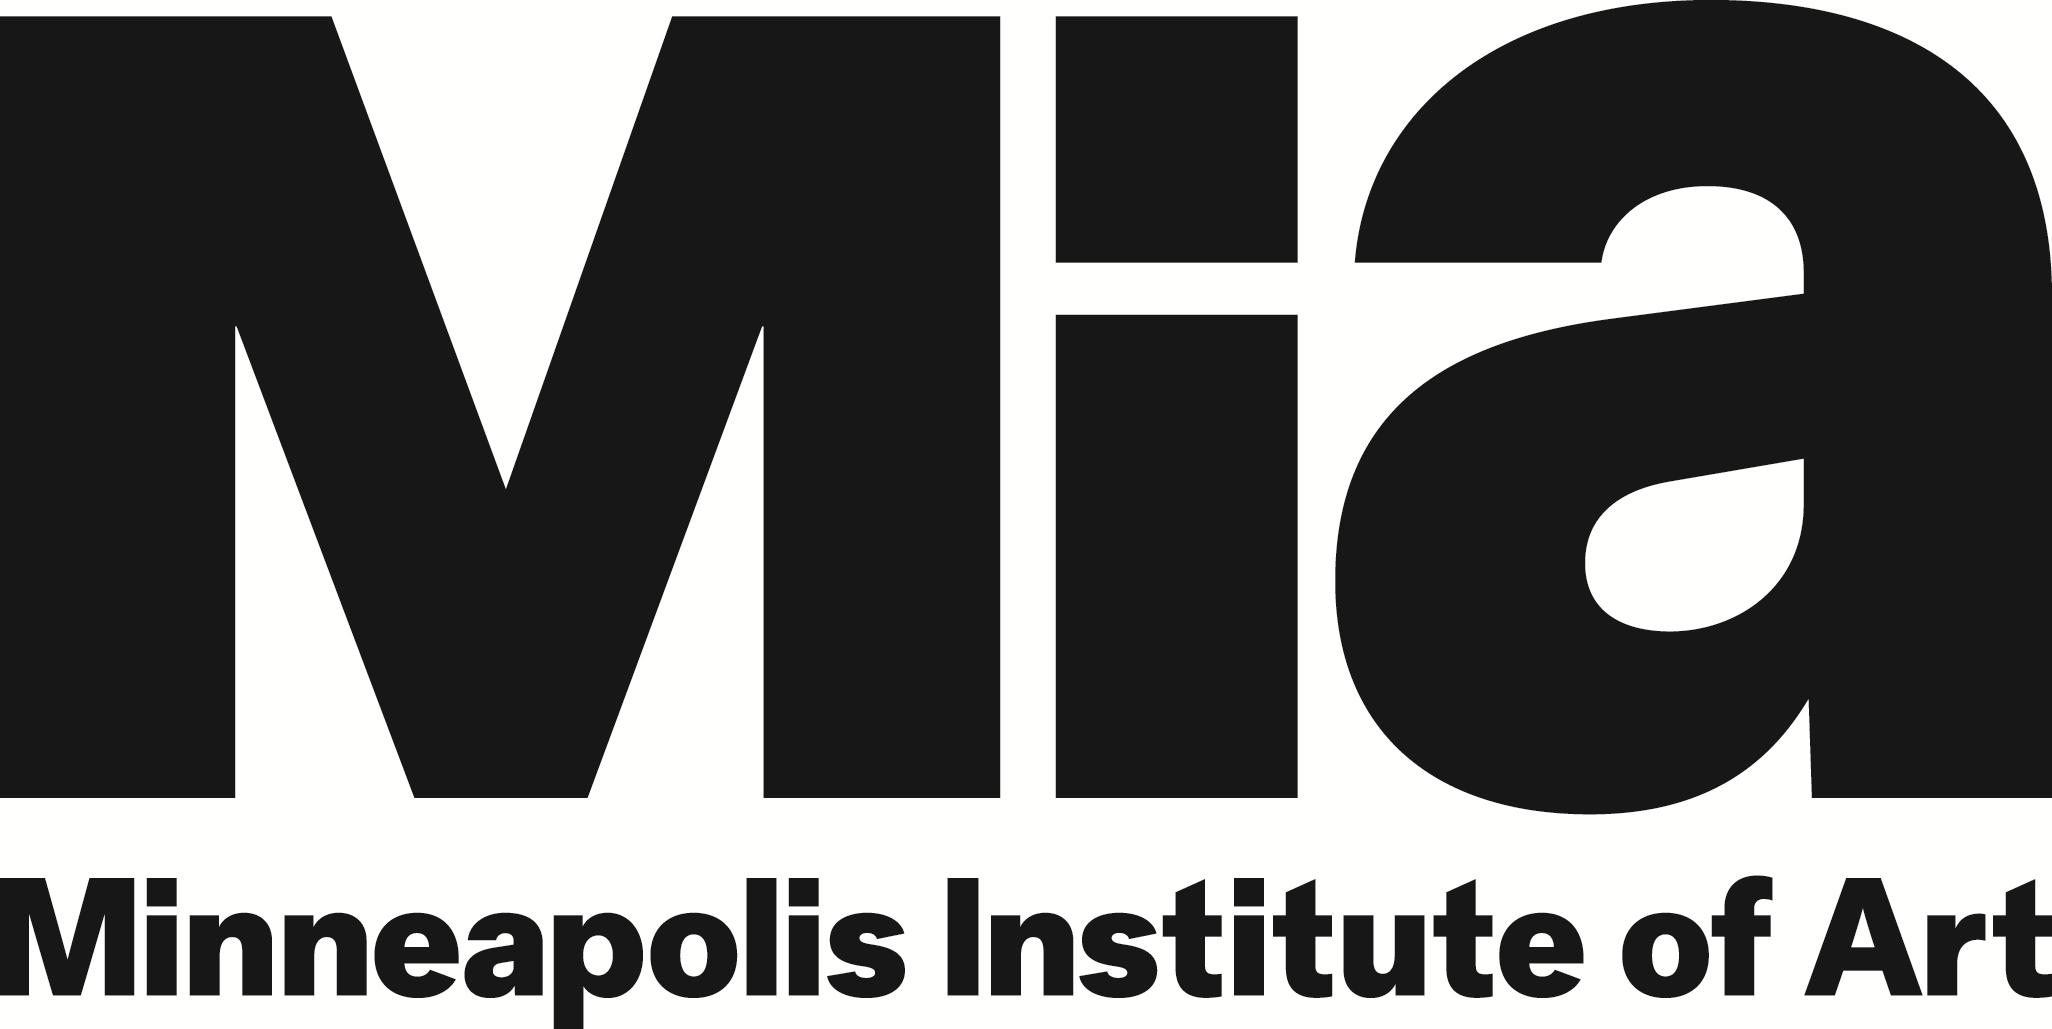 Minneapolis Institute of Art logo